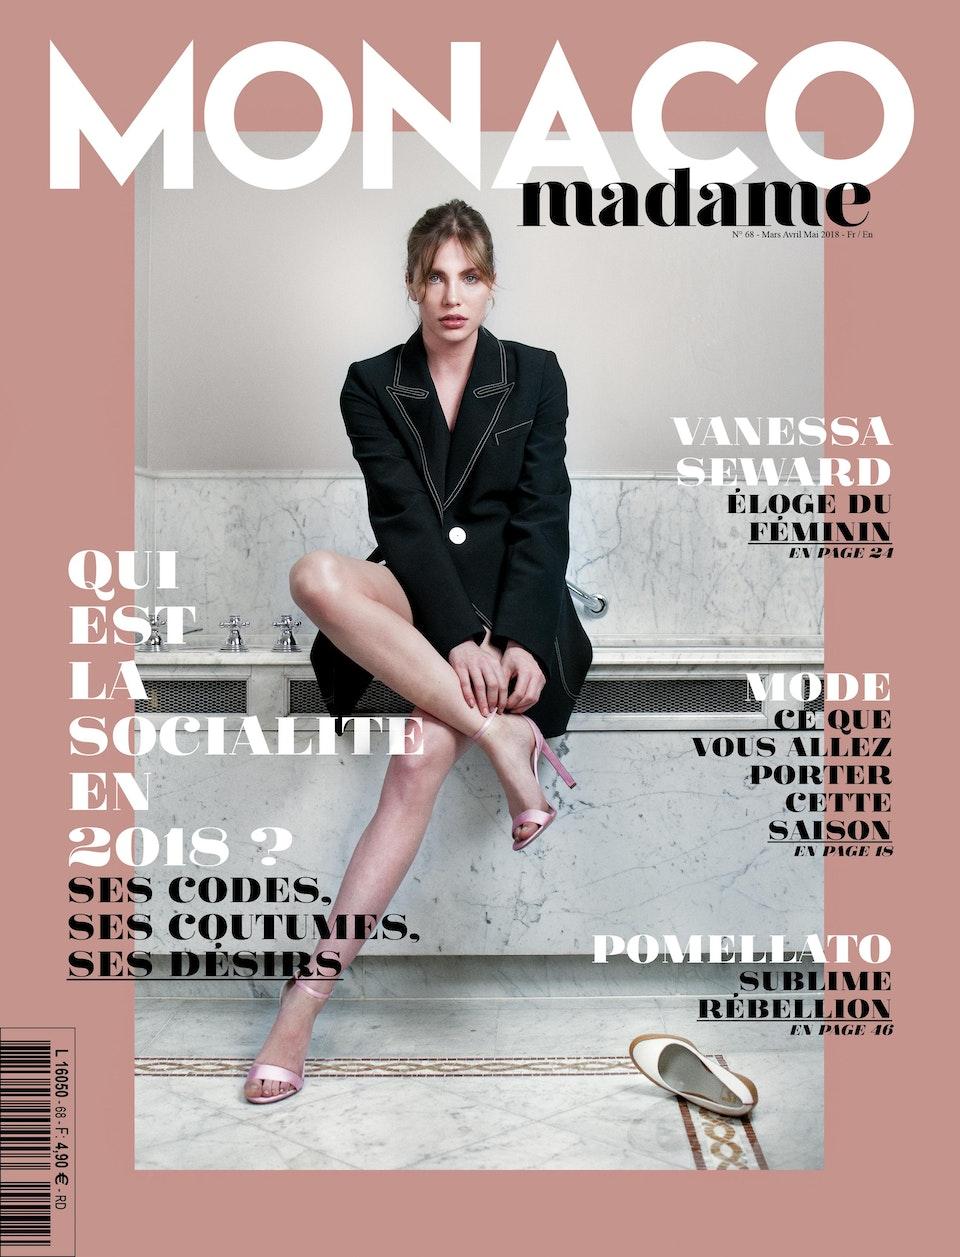 MONACO_MADAME_68_01-cover-page-001 -